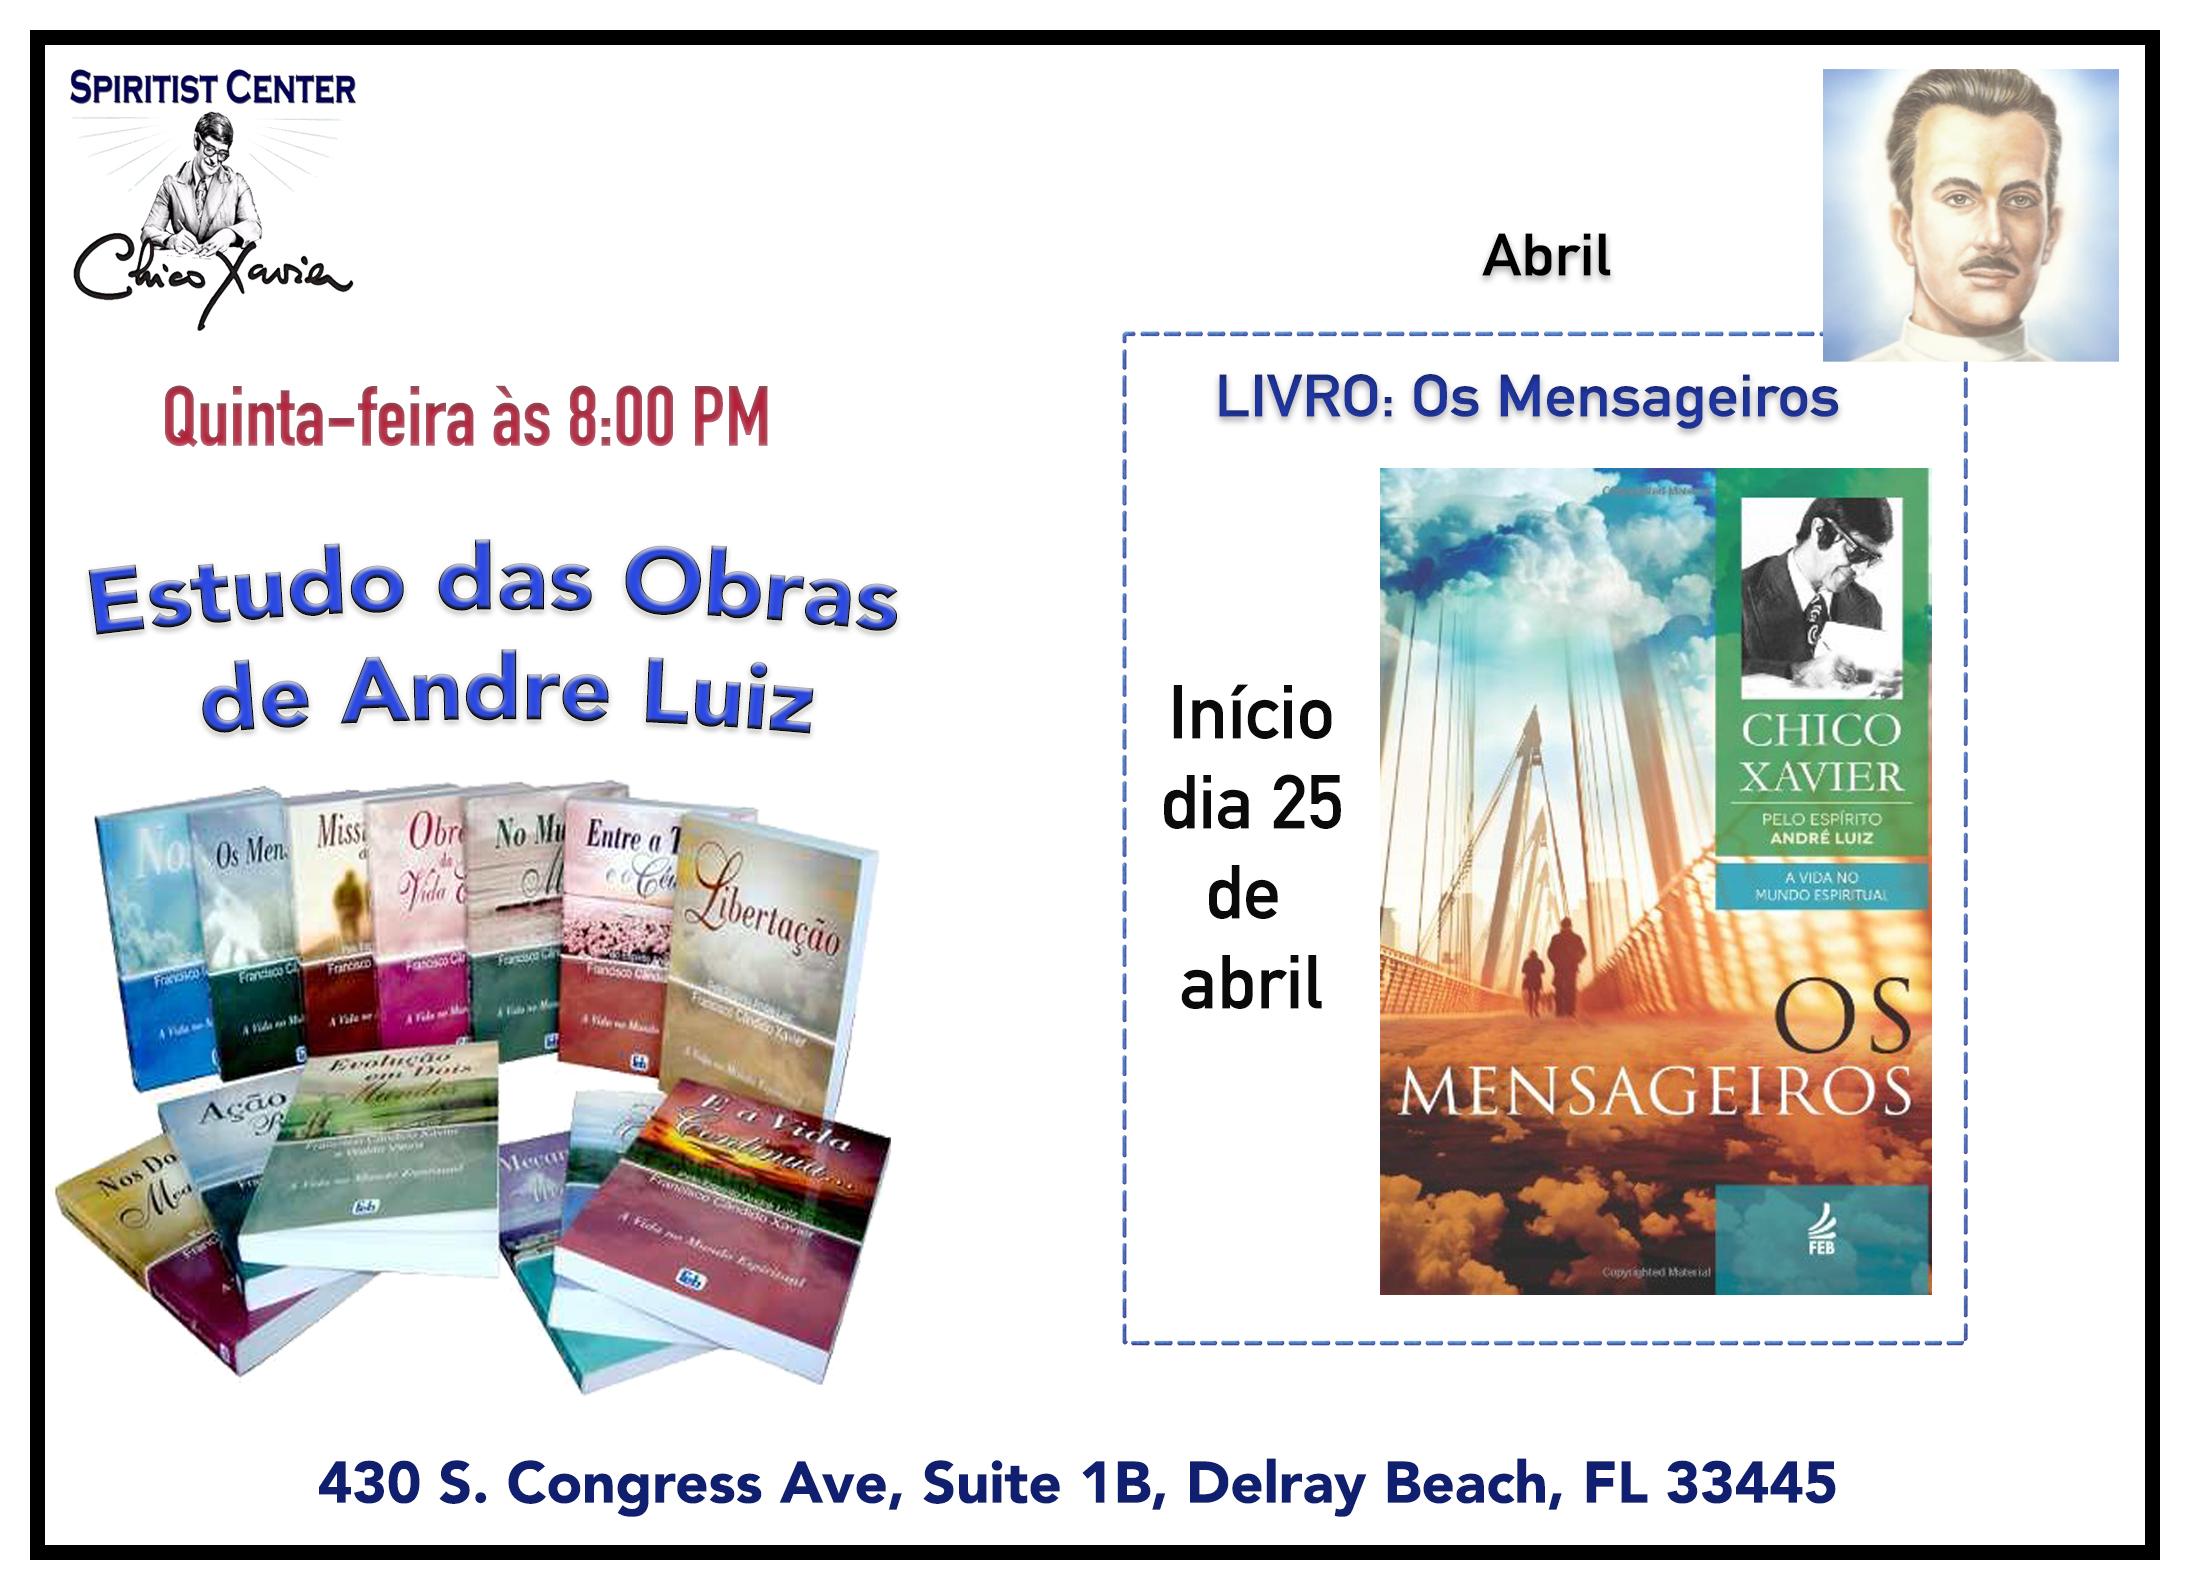 Estudo das Obras Básicas de Andre Luiz Mensageiros abril